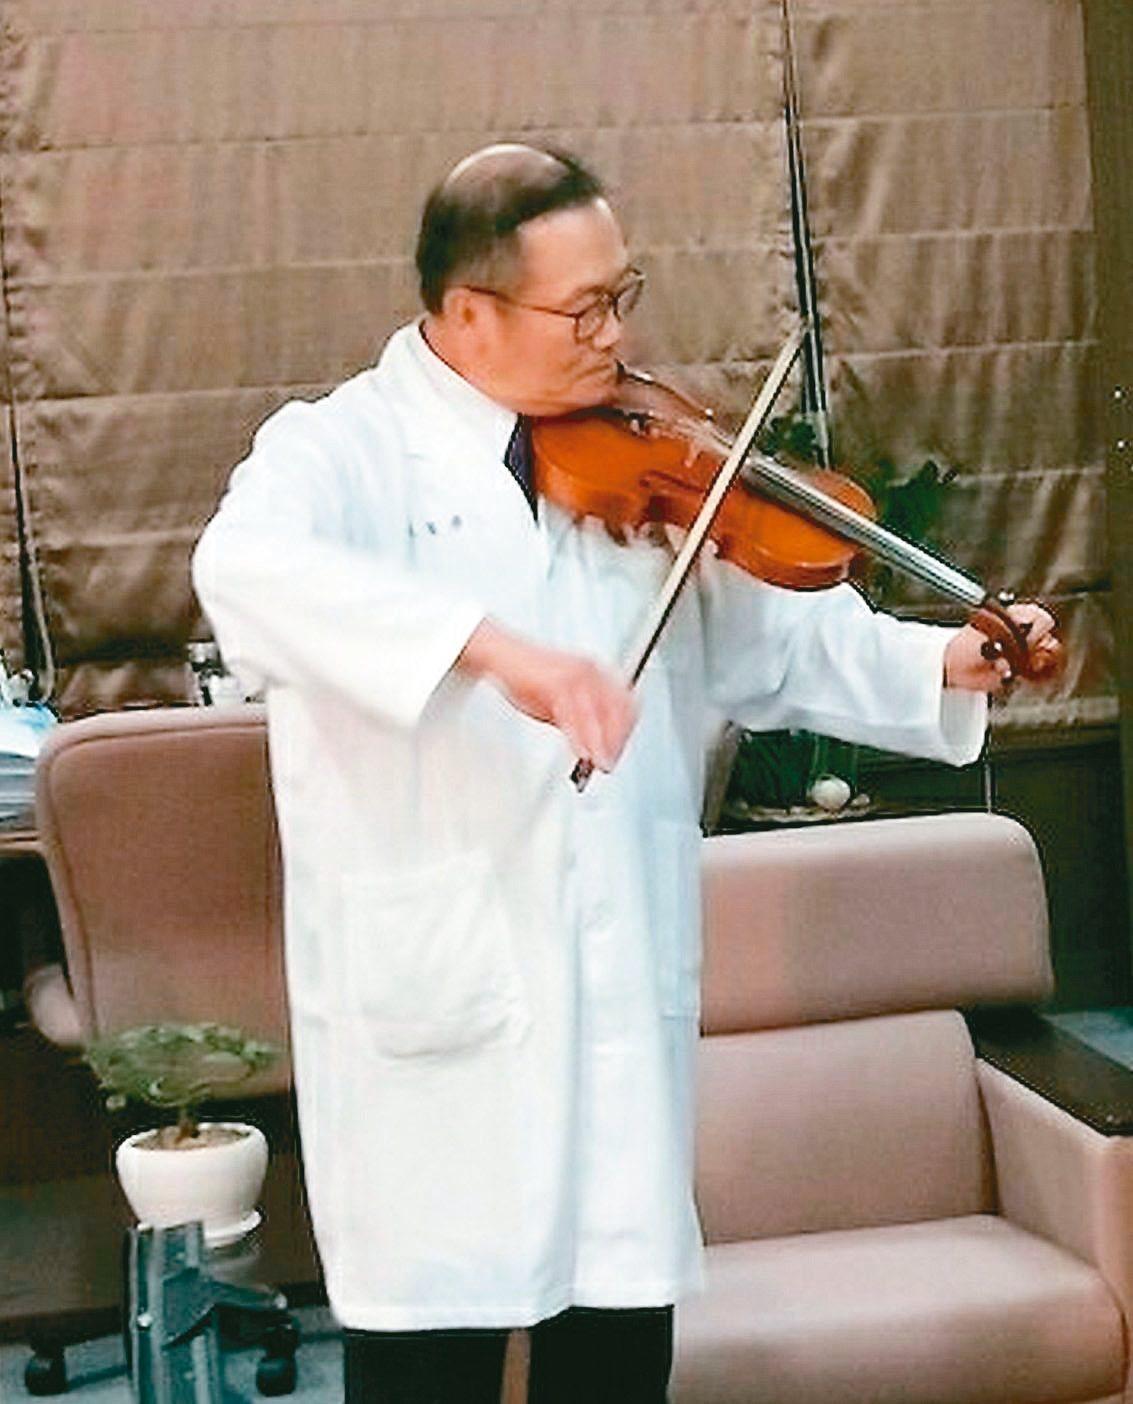 高雄義大醫院院長杜元坤,醫術獨到,琴藝也了得。 圖/義大醫院提供